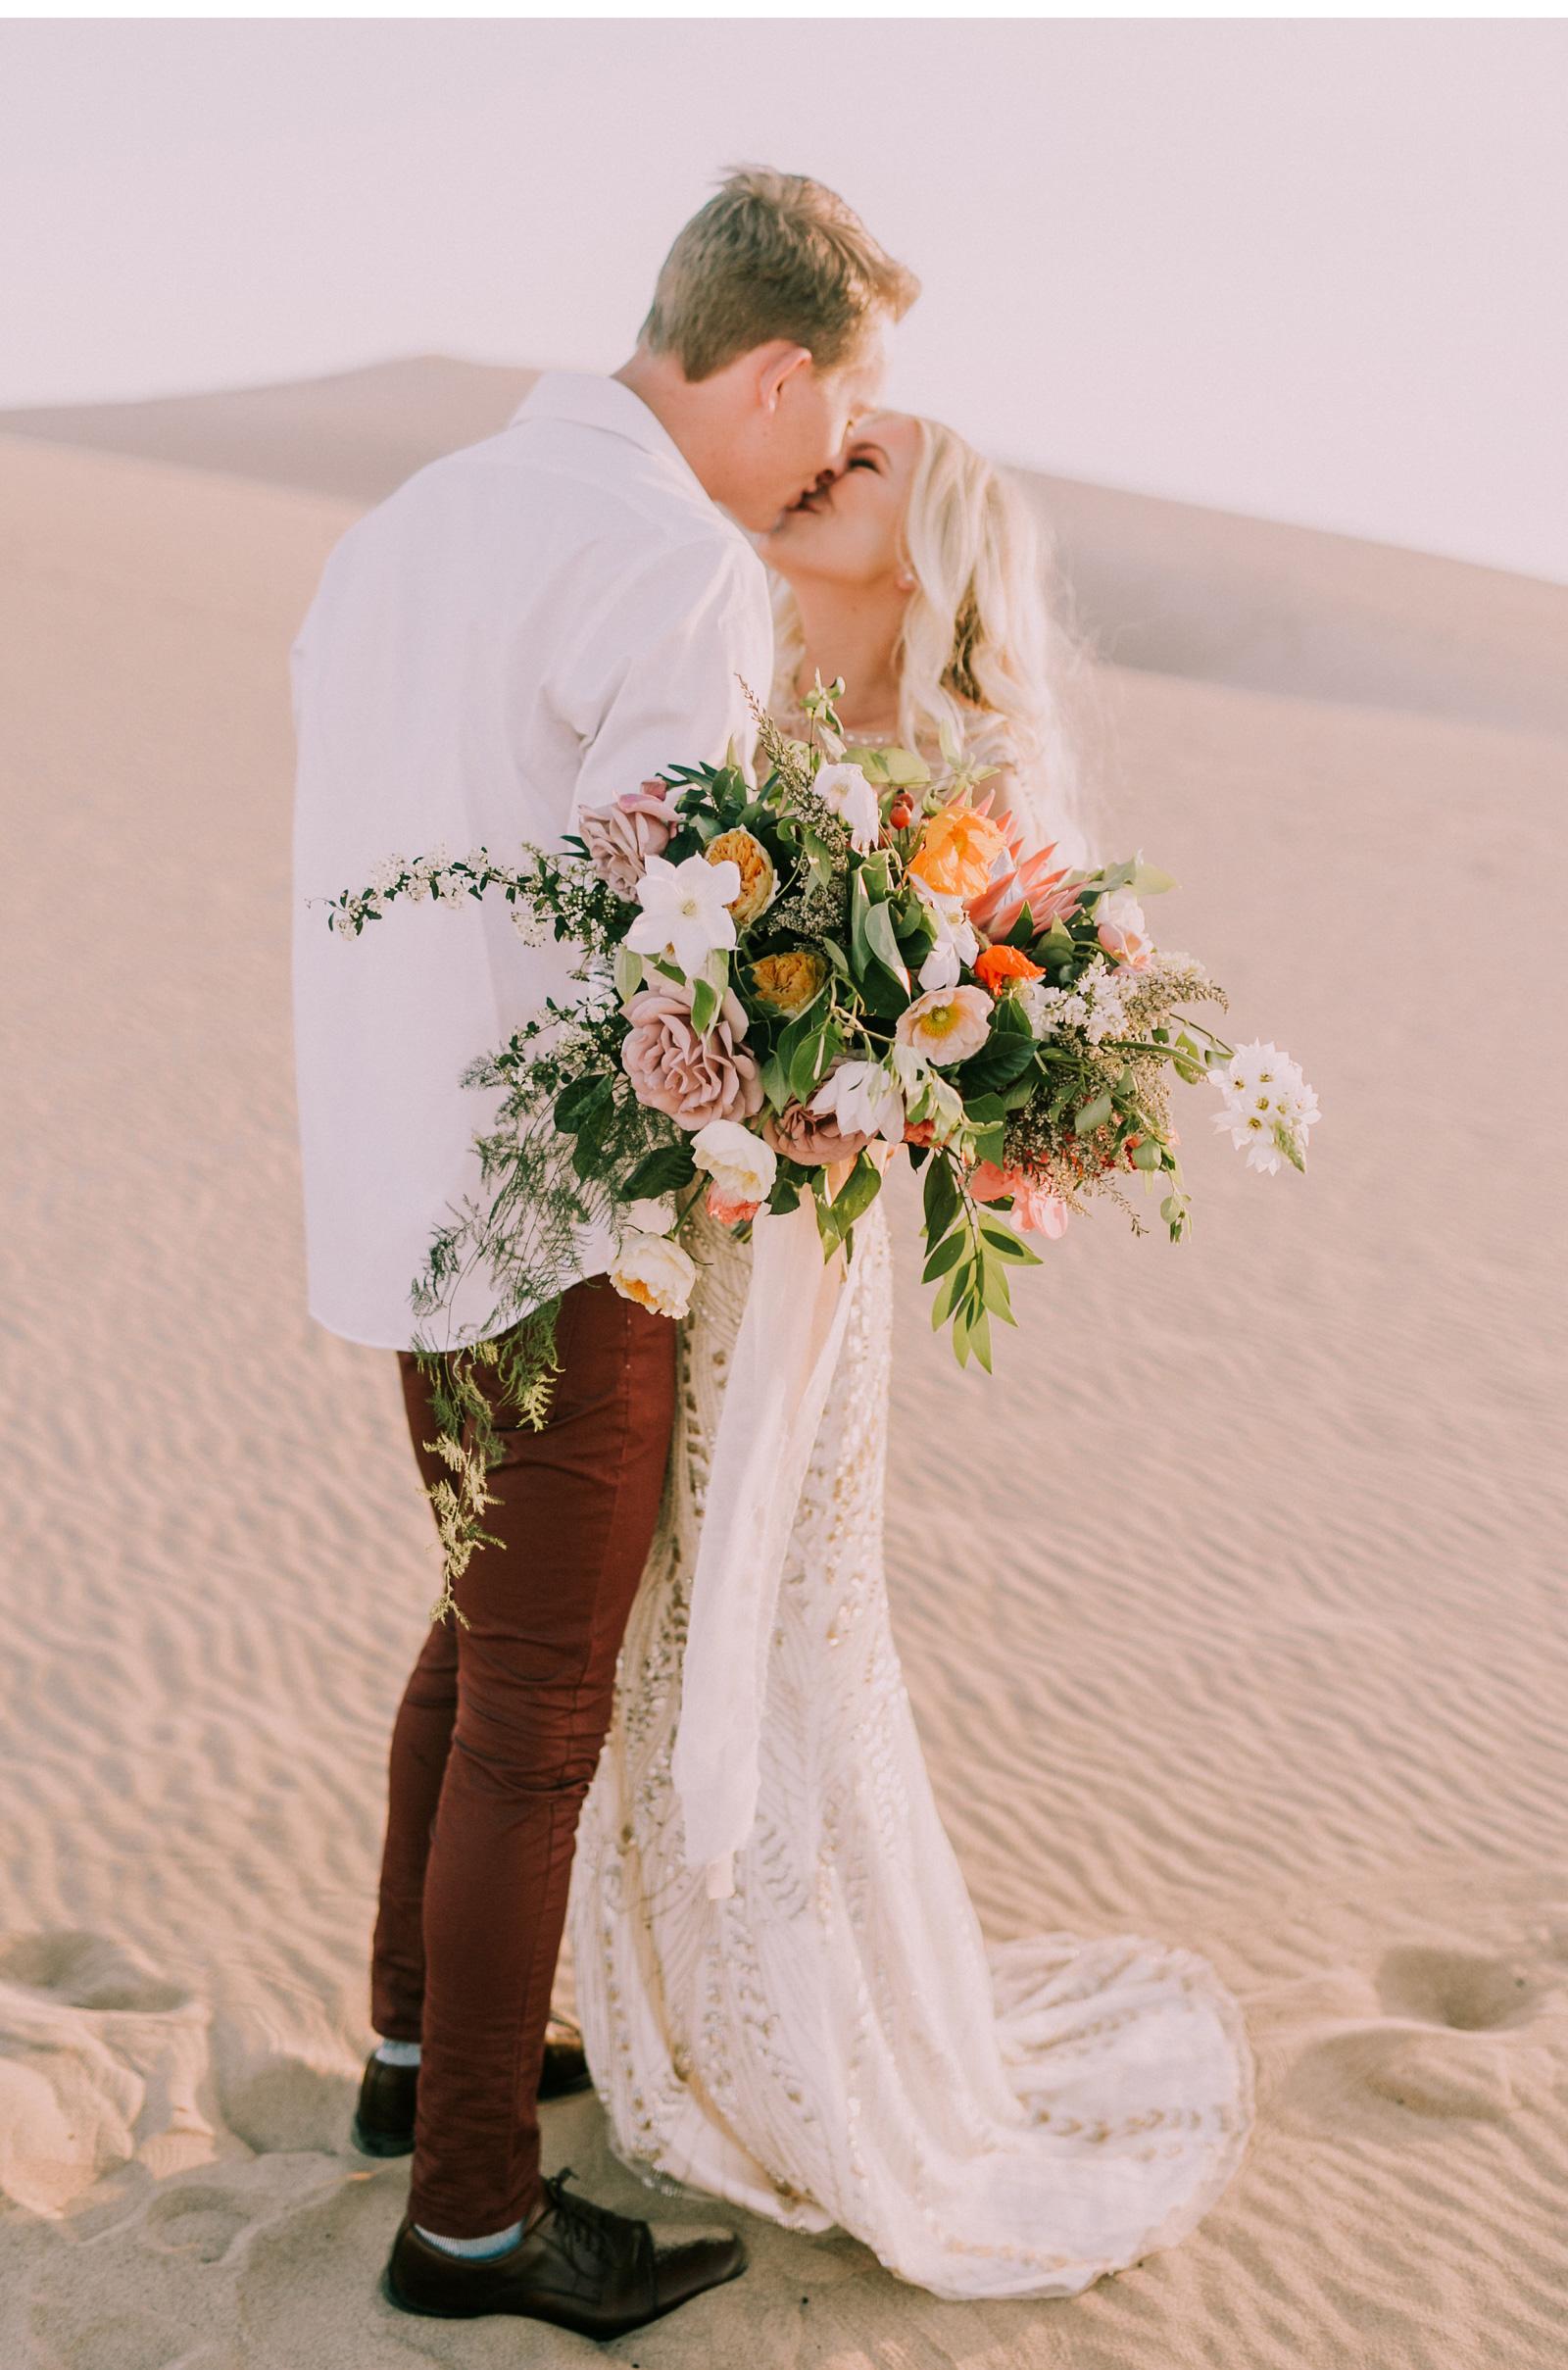 Adventure-Wedding-Green-Wedding-Shoes-Natalie-Schutt-Photography_01.jpg